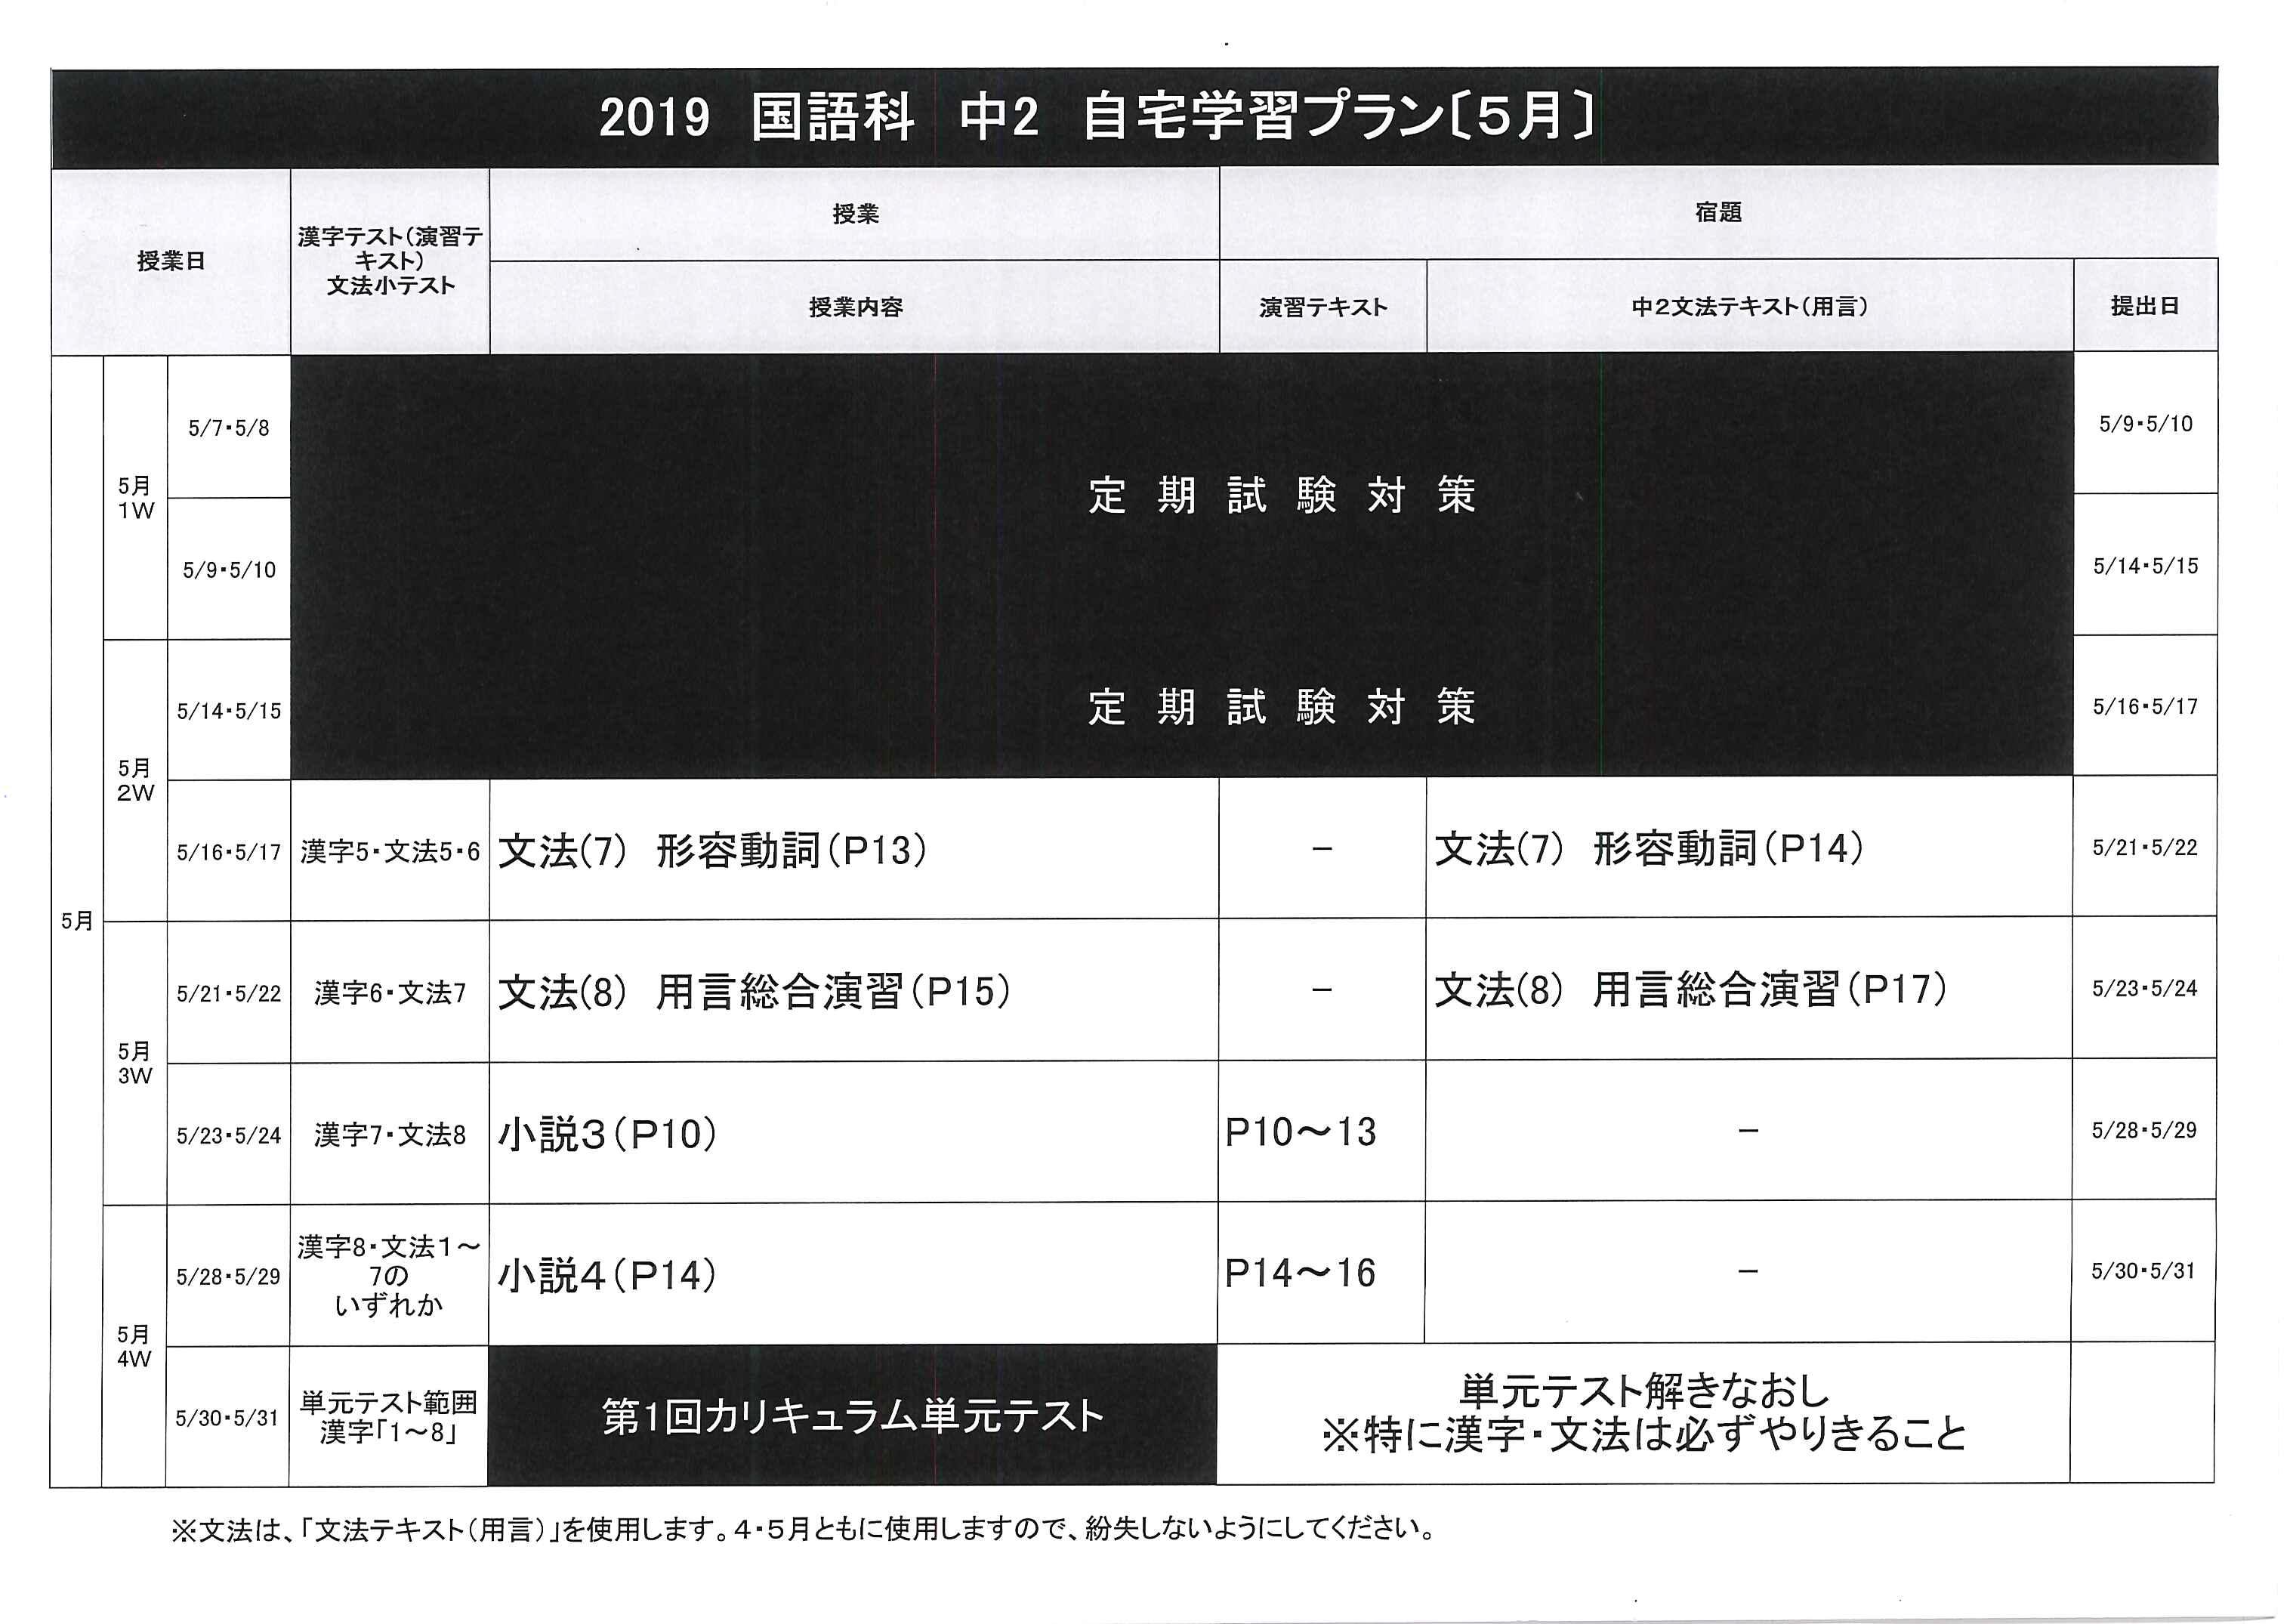 2019年5月中学生宿題小テスト表【HP用⑥】.png